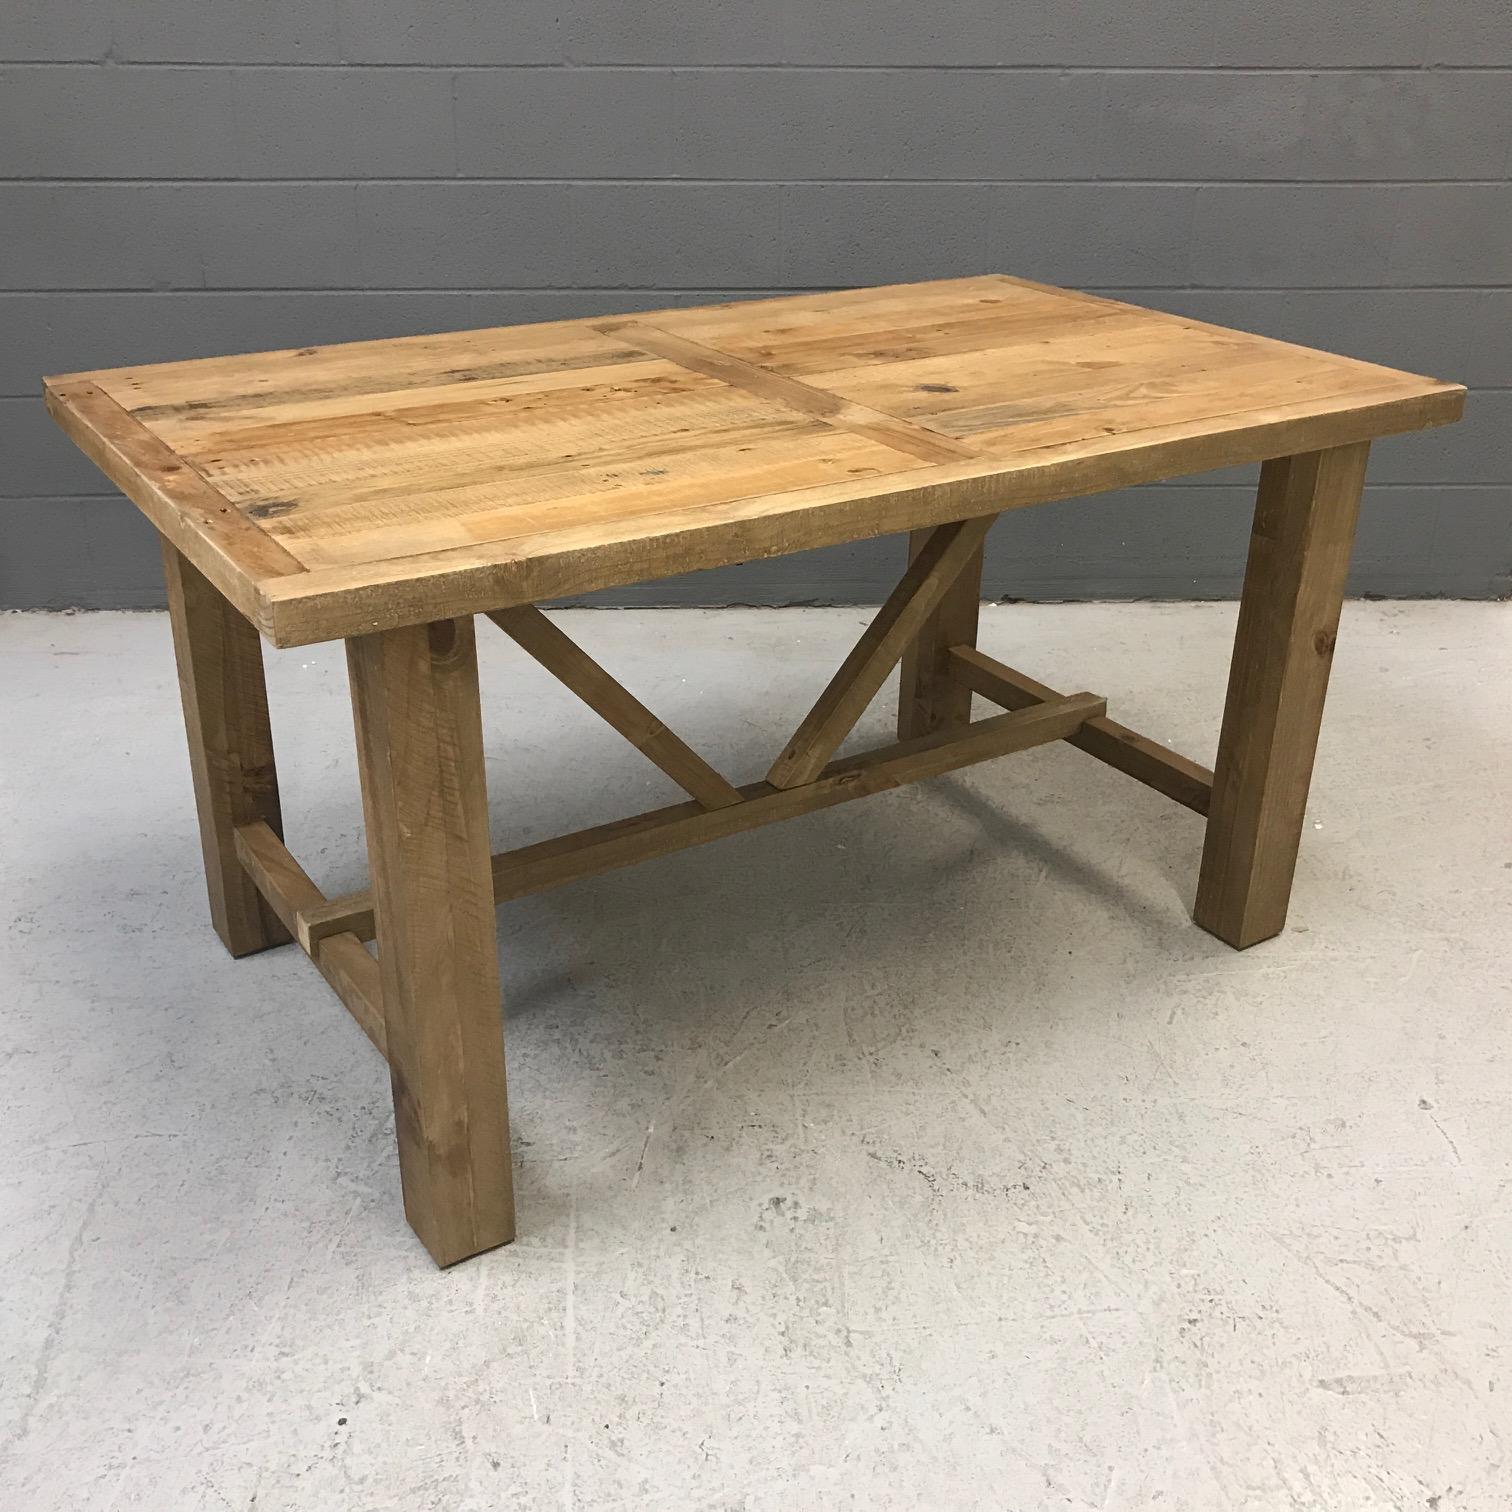 Nadeau Furniture Nashville #20 - Vintage Dining Table